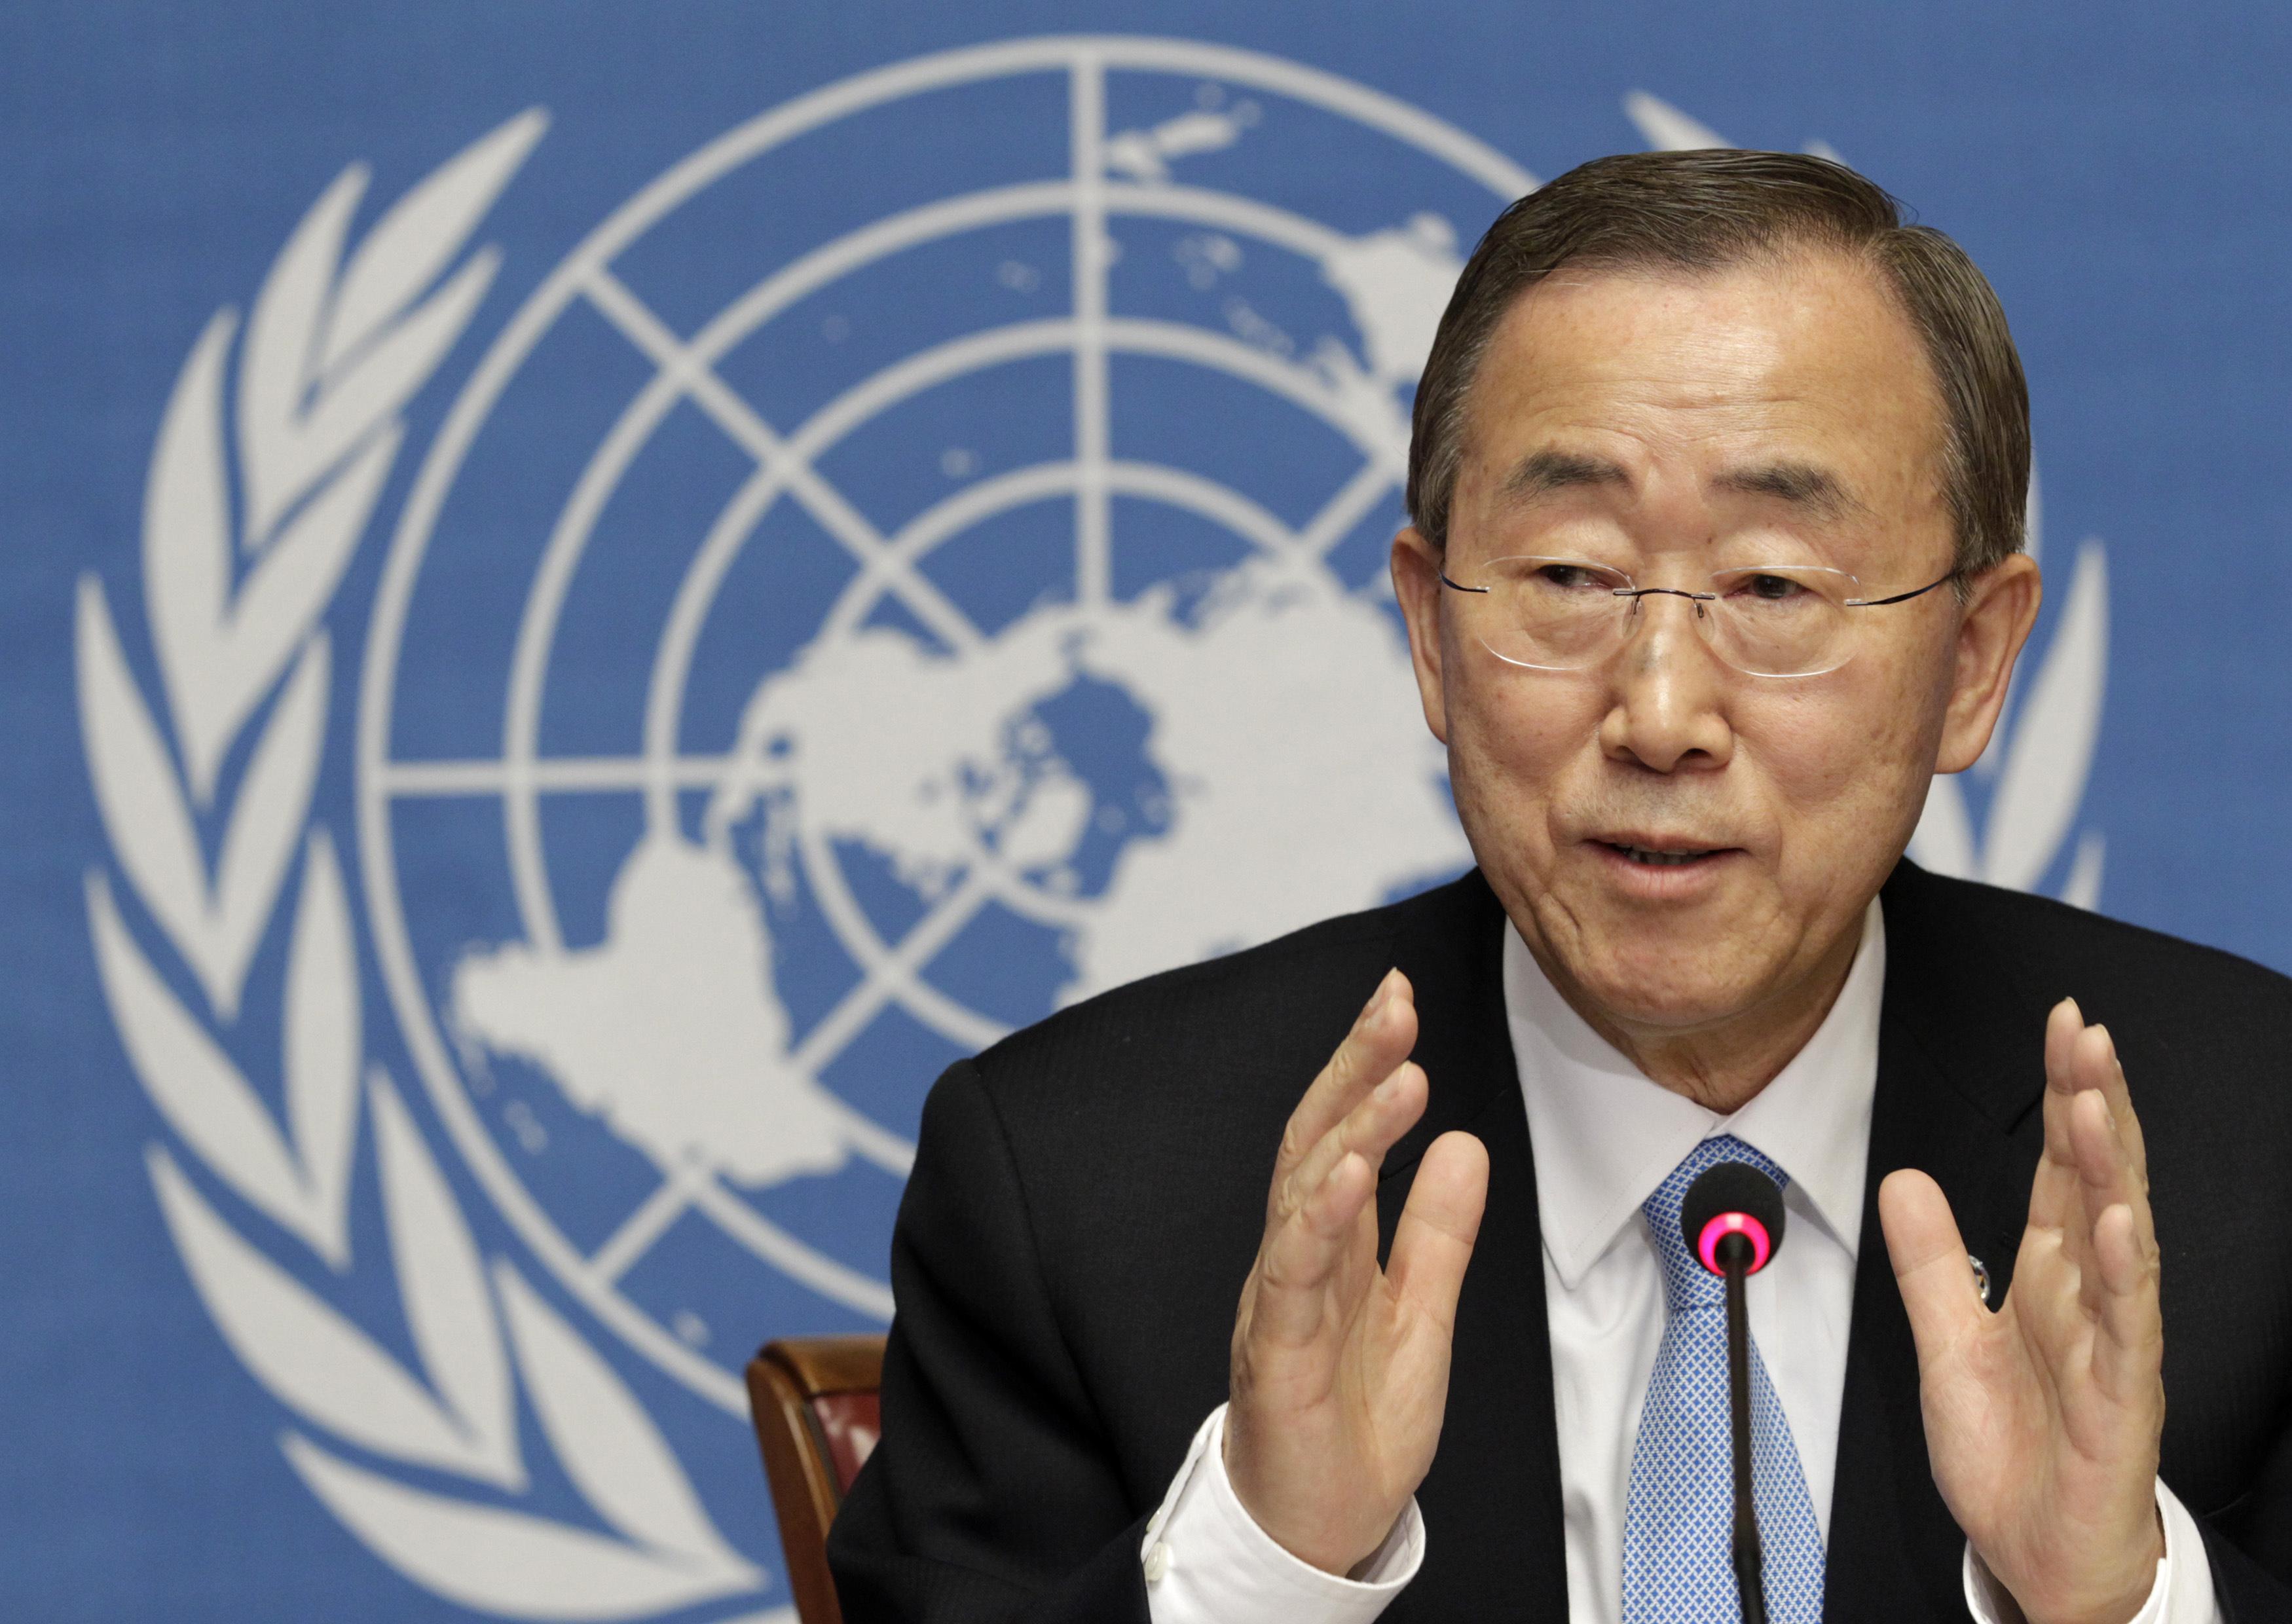 ООН: Гендерное равенство — не мечта, а обязанность правительств